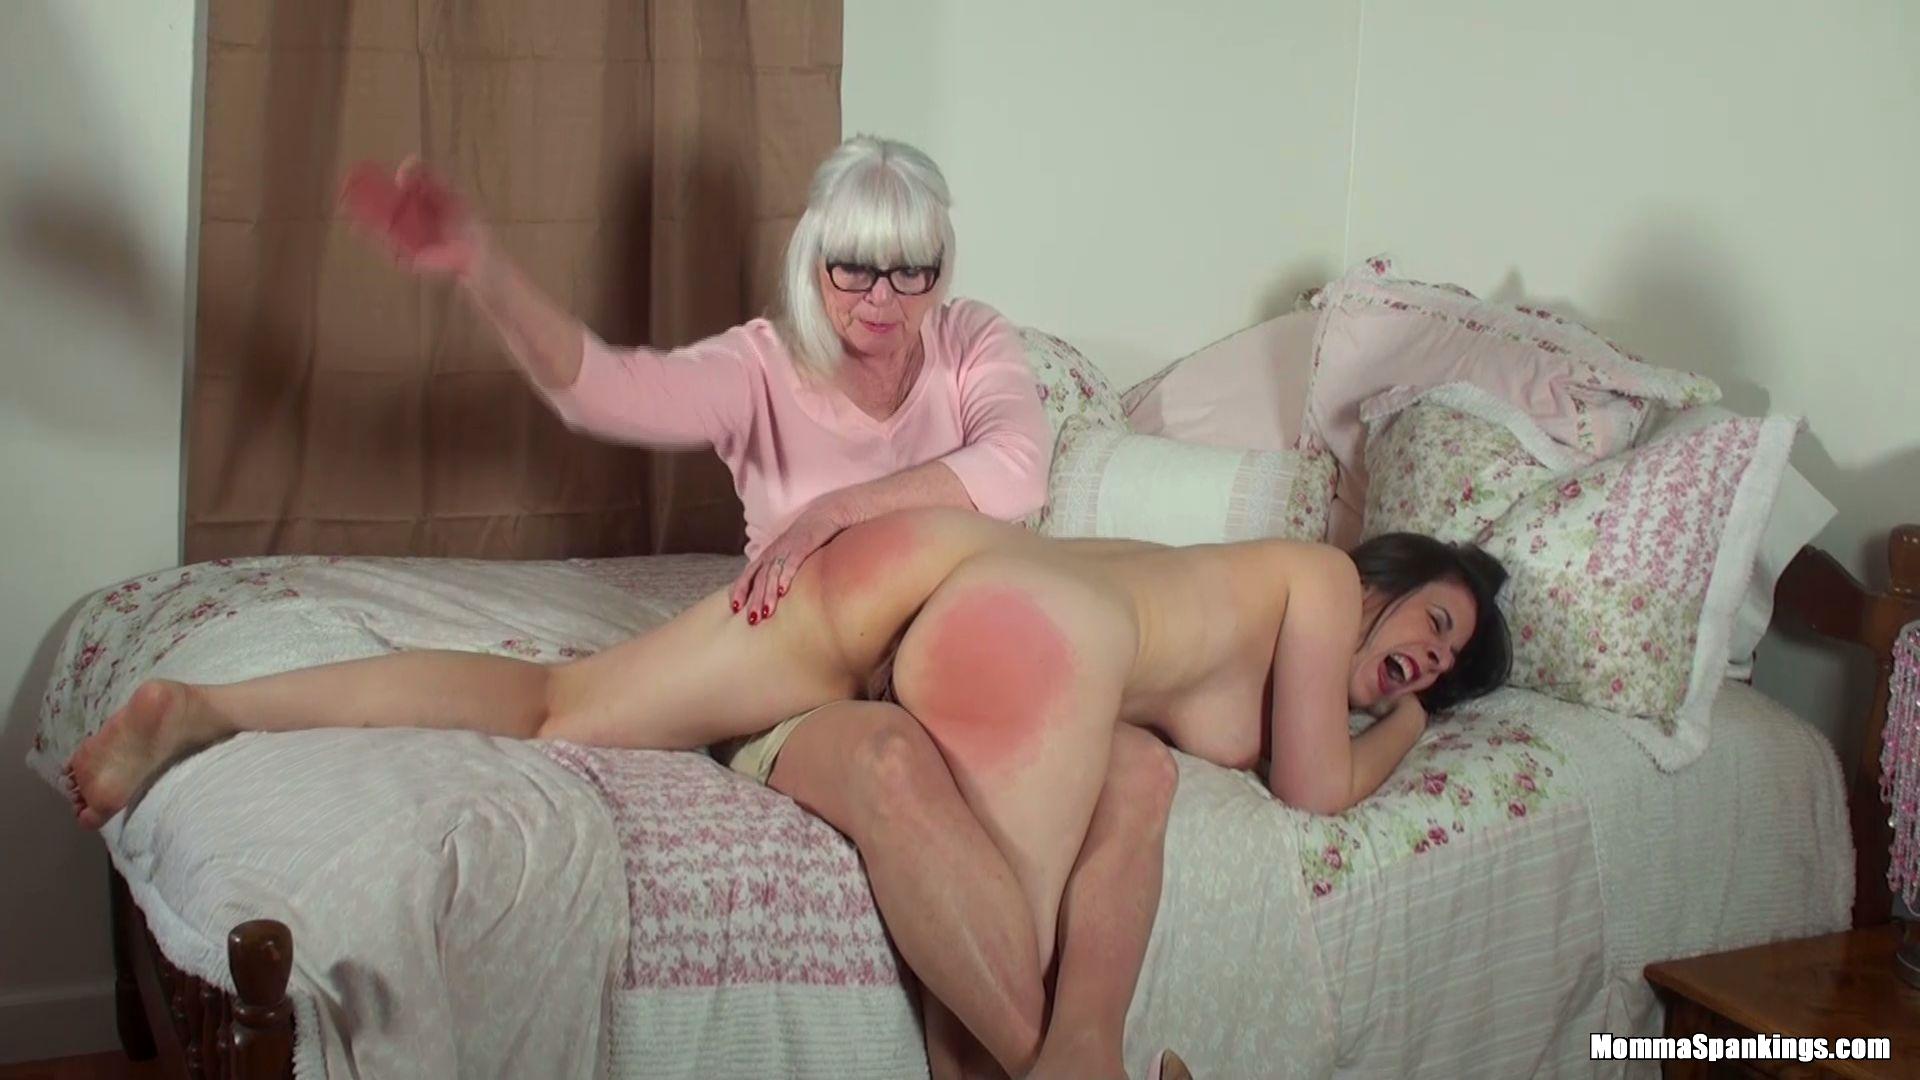 sarah gregory nude